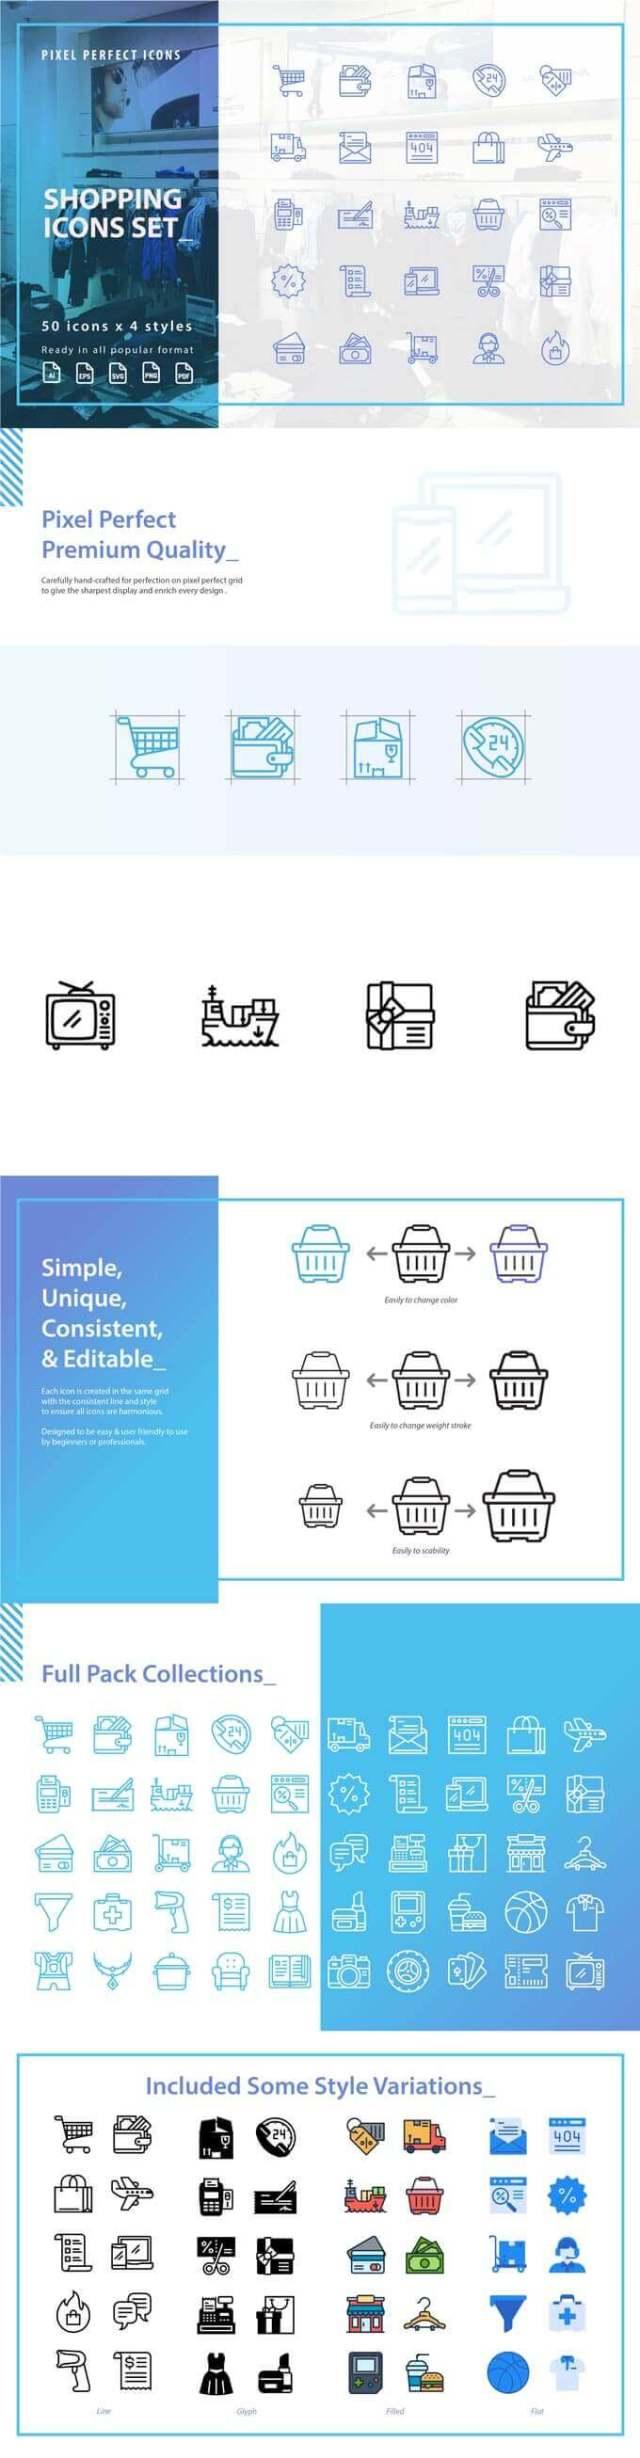 Free Shopping Icons Set